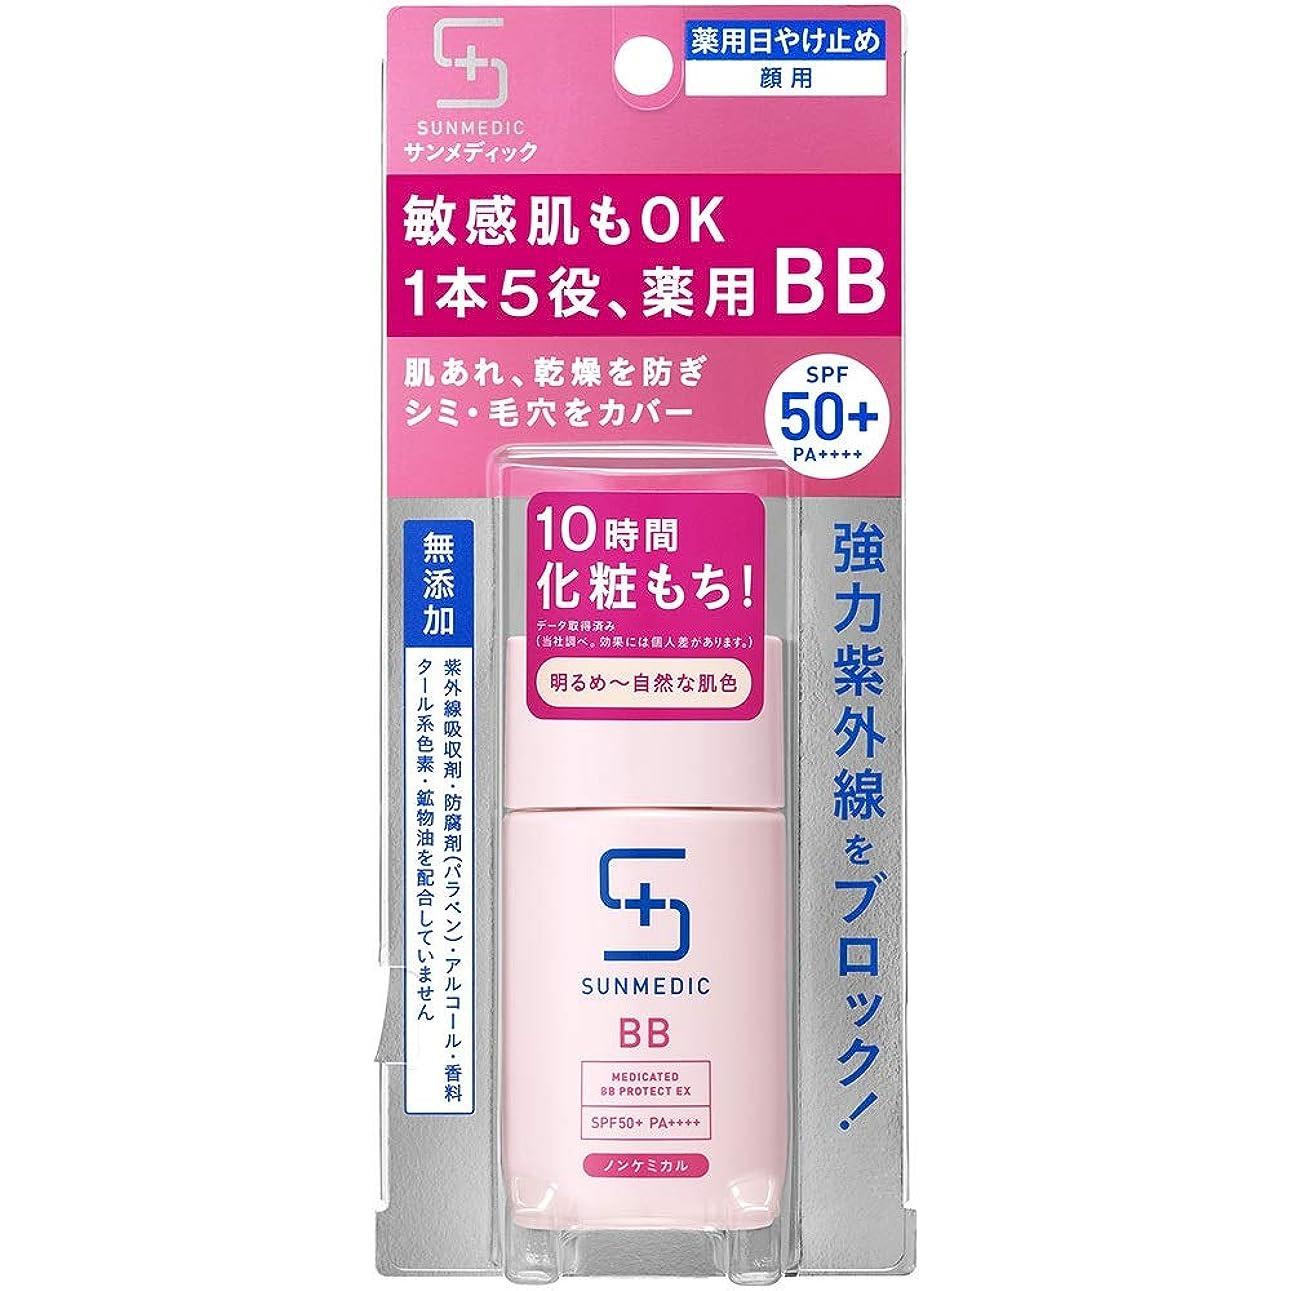 期間武器インドサンメディックUV 薬用BBプロテクトEX ライト 30ml (医薬部外品)